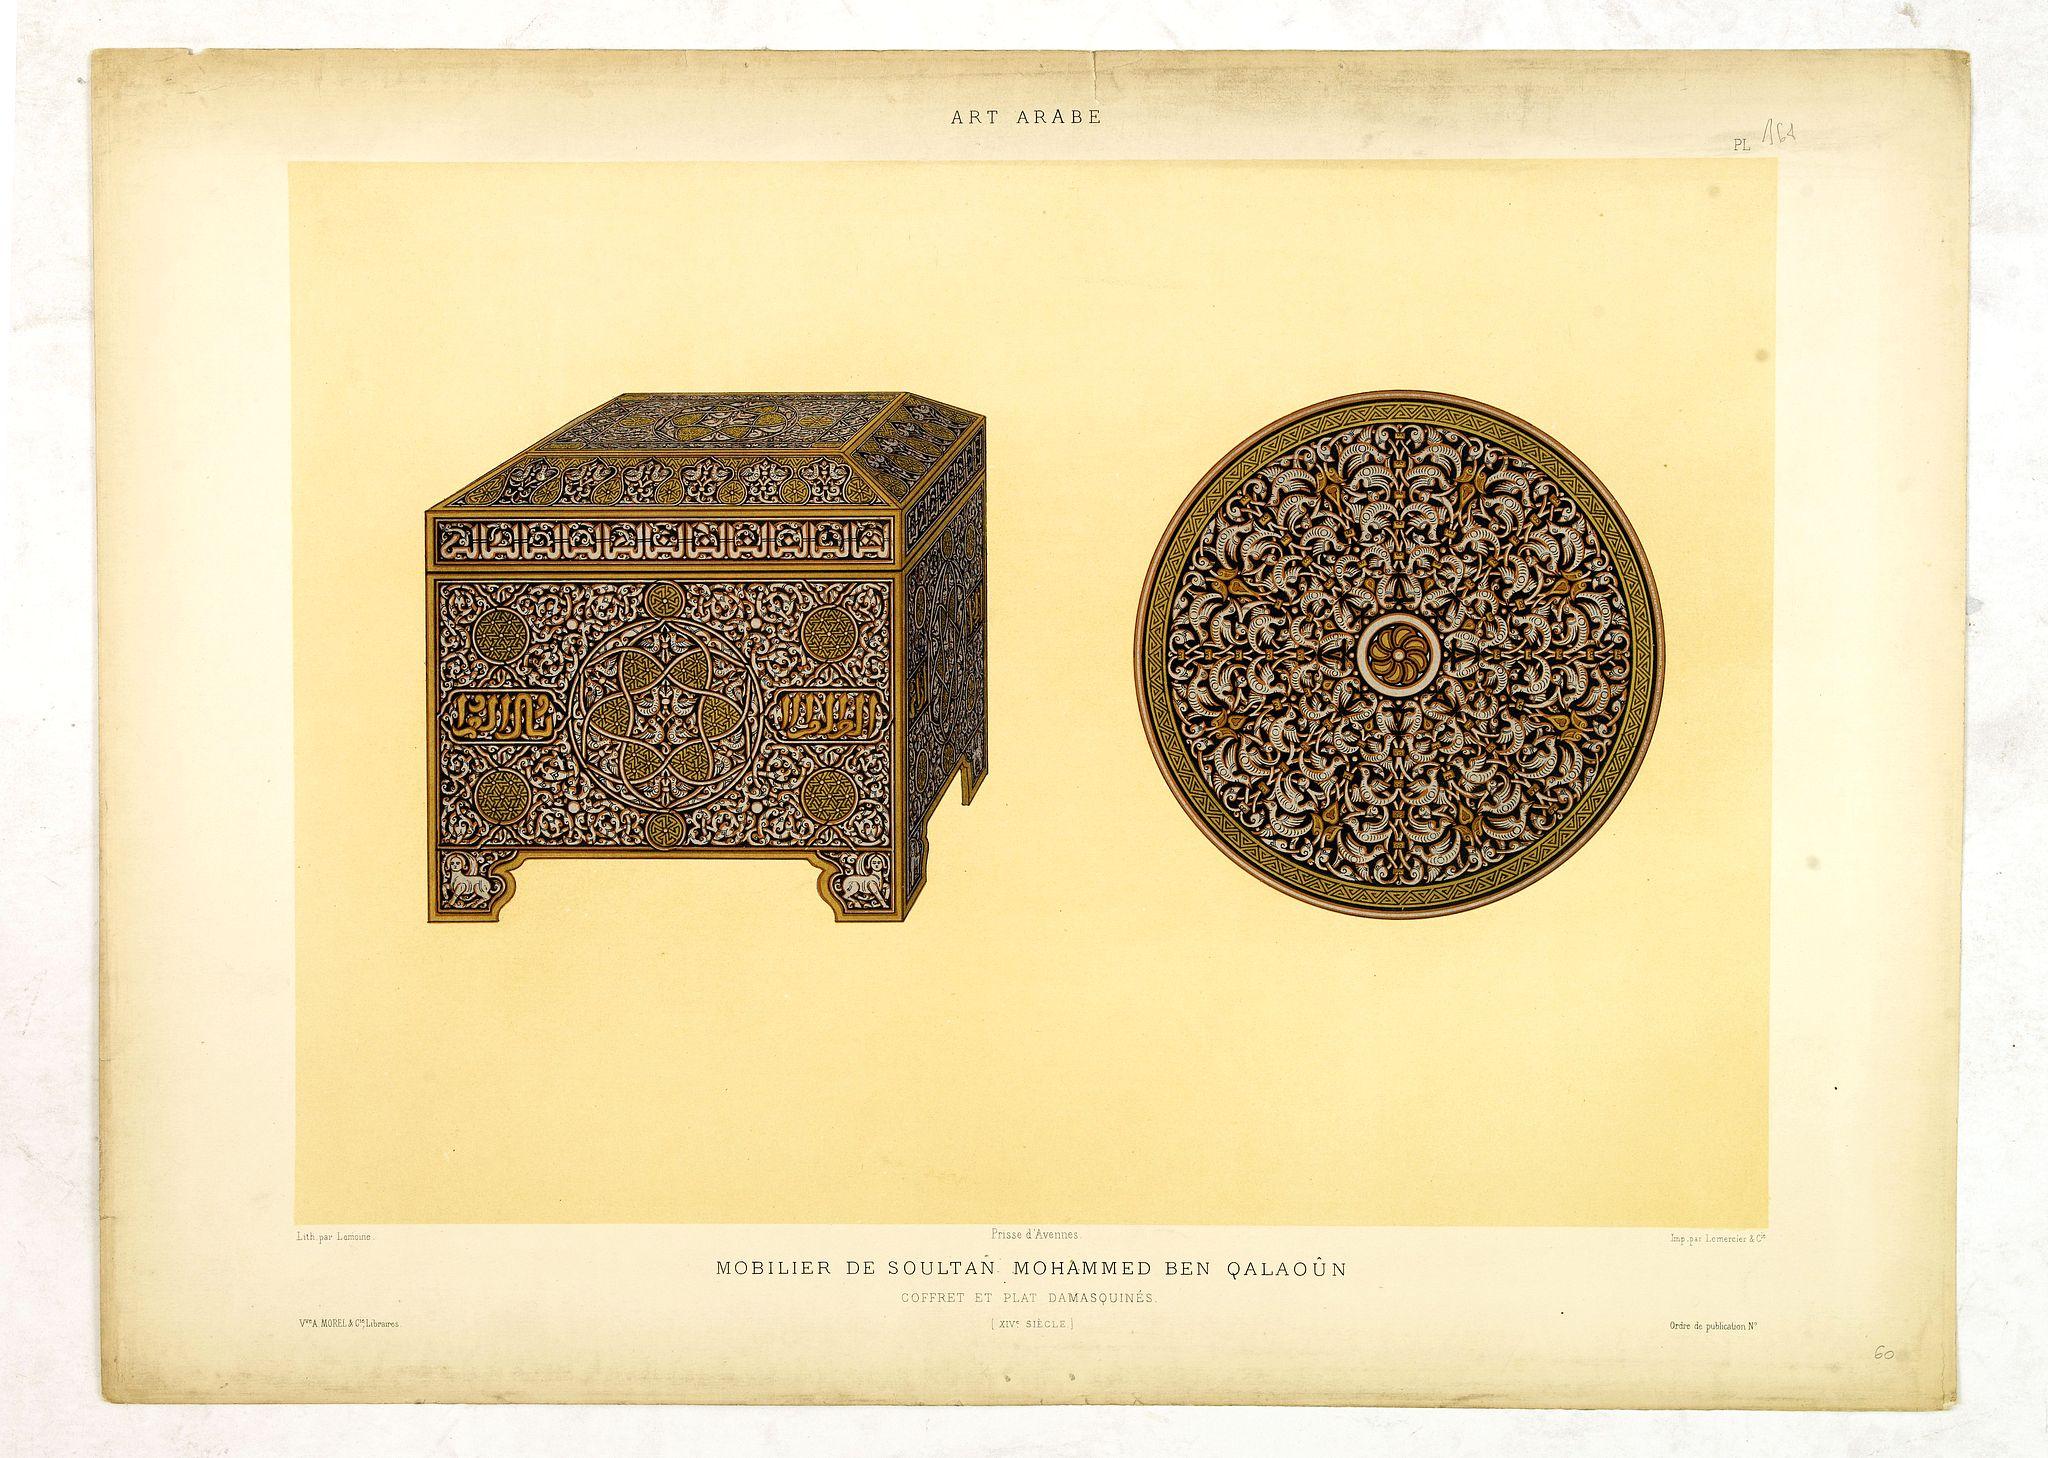 PRISSE D'AVENNES, E. -  Art arabe. - Mobilier de soultan Mohammed Ben Qalaoûn coffret et plat damasquinés. . .